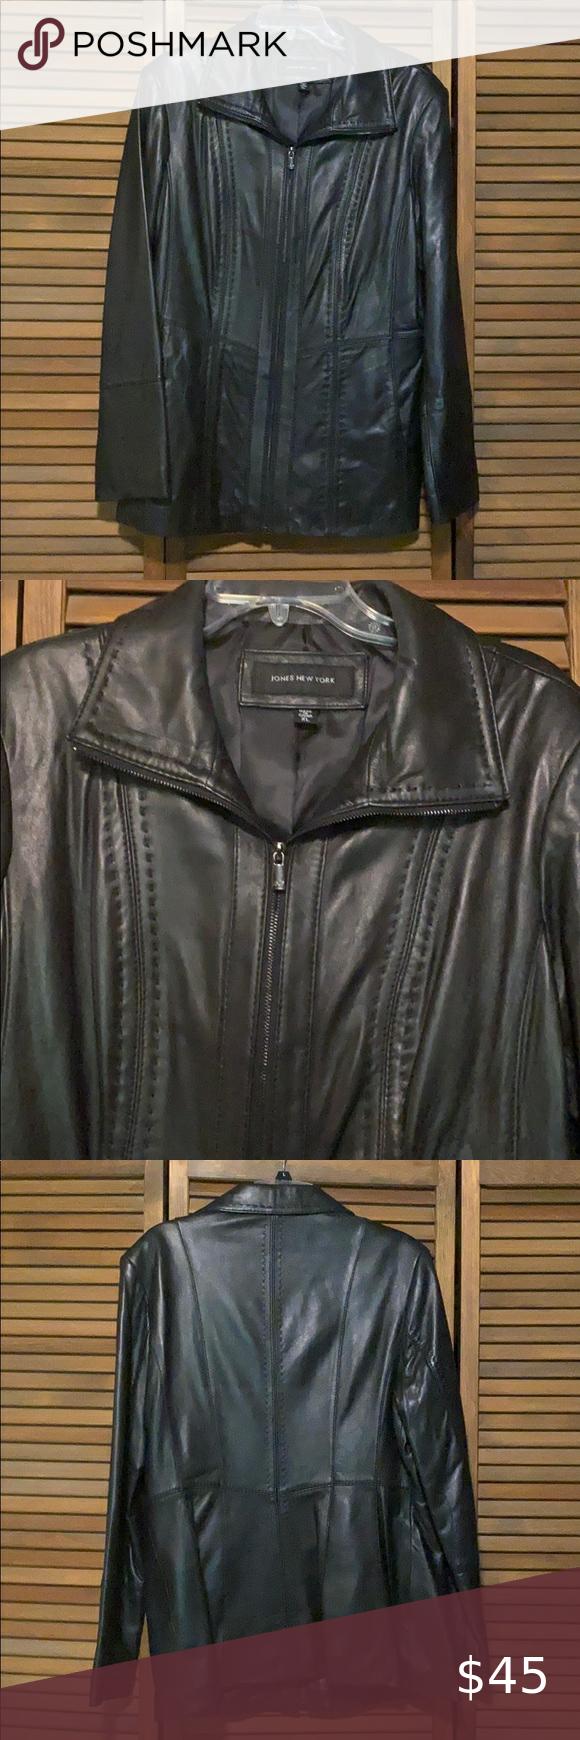 Women S Black Leather Jacket Euc Size Xl Leather Jacket Black Leather Jacket Womens Black Leather Jacket [ 1740 x 580 Pixel ]